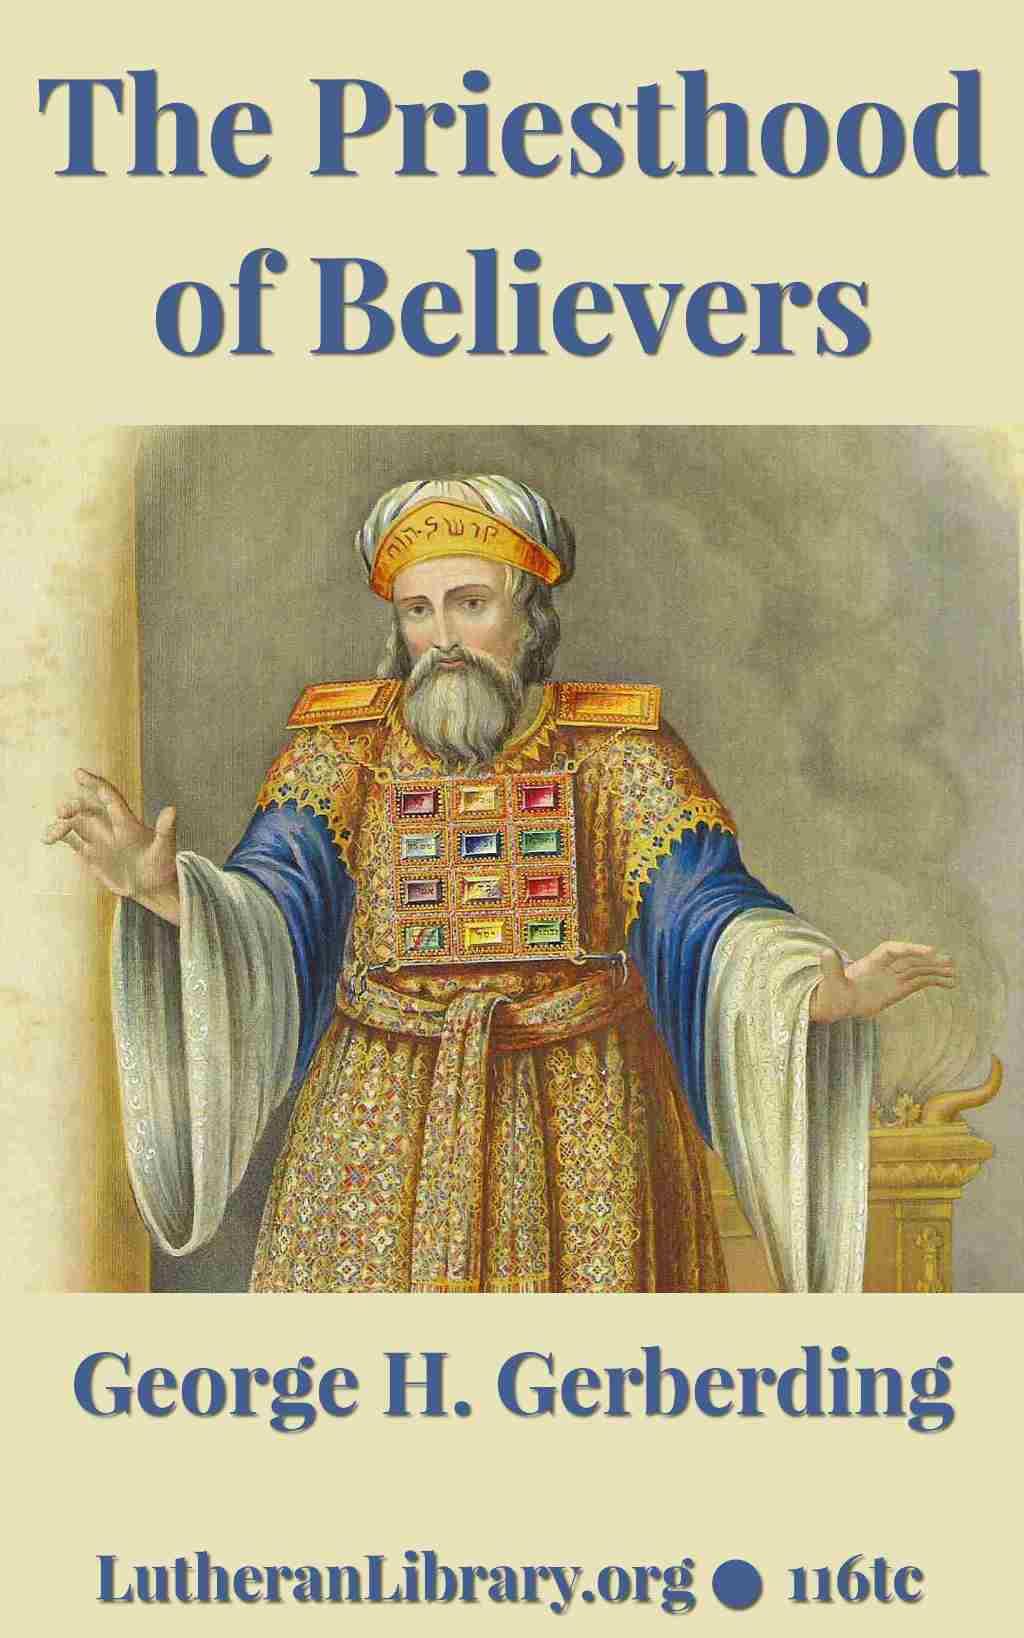 The Priesthood of Believers by George H. Gerberding